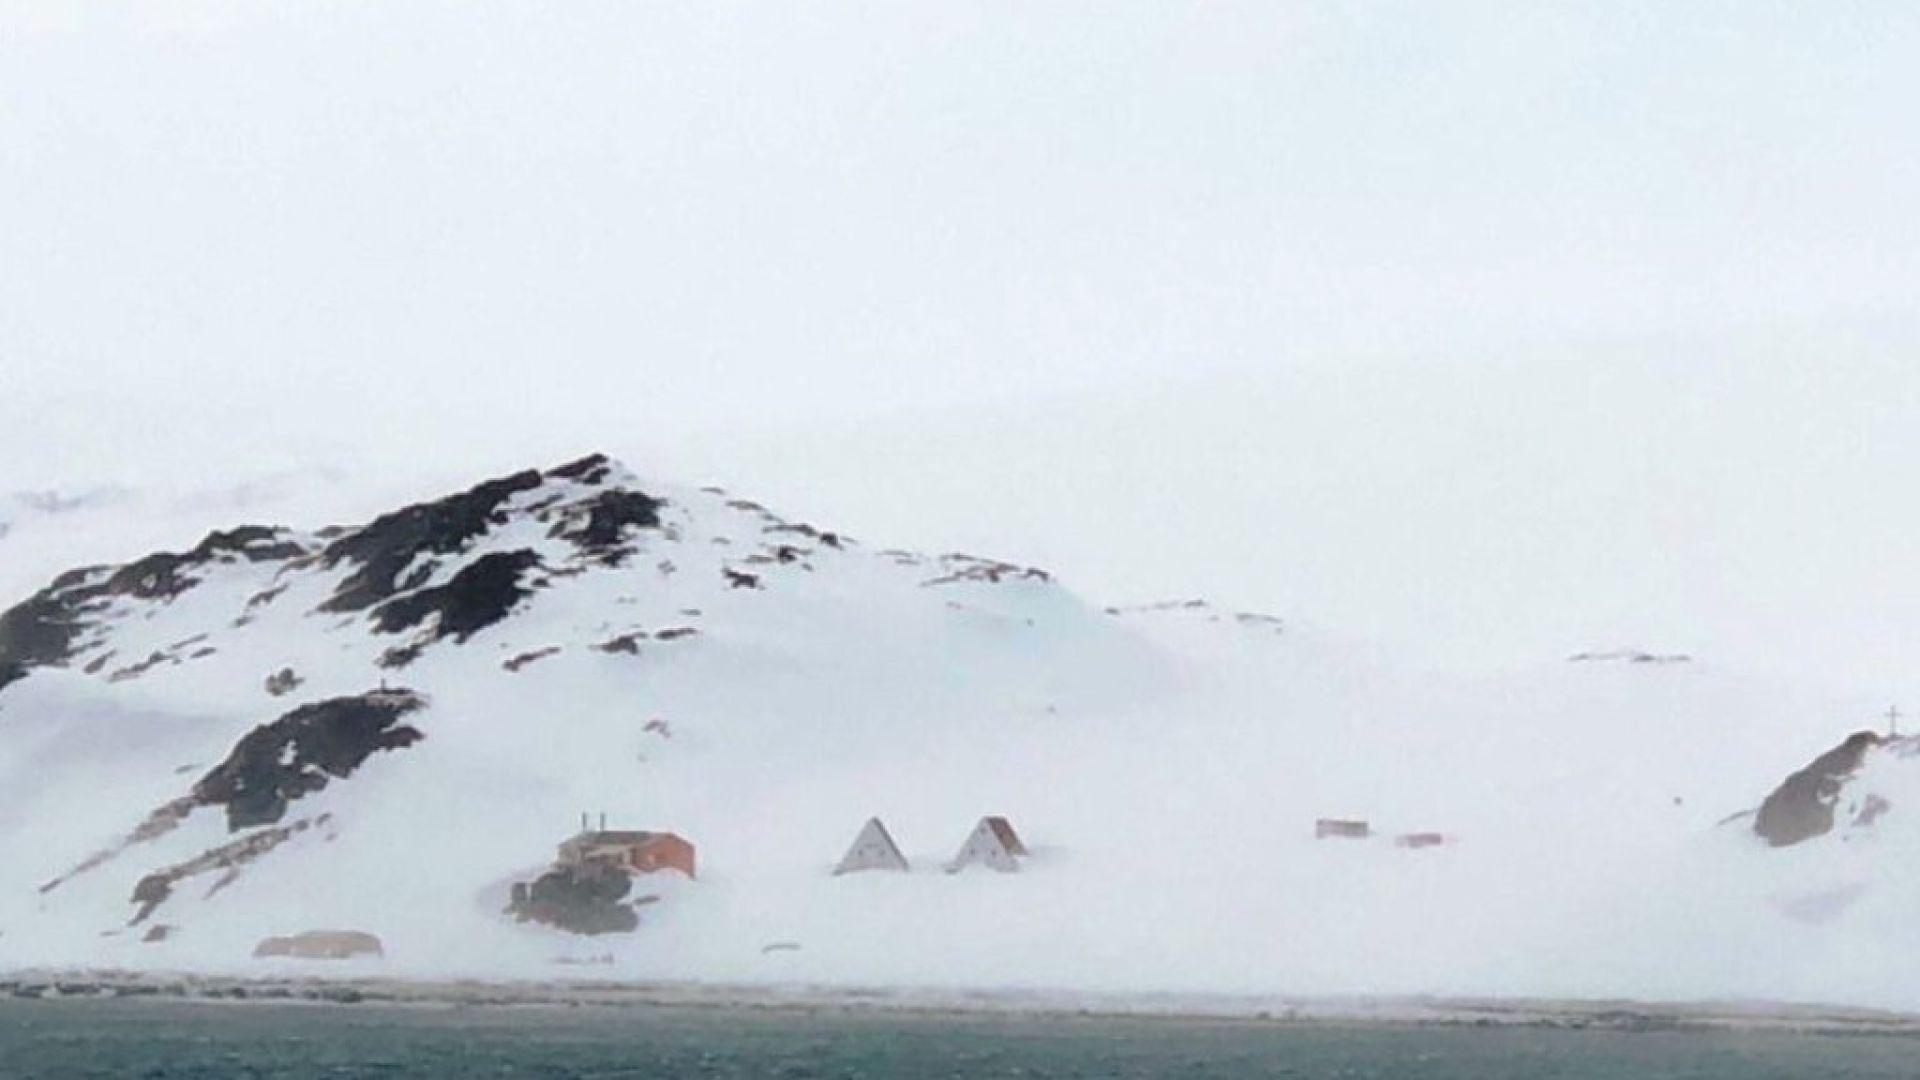 Първата група полярници пристигна на остров Ливингстън